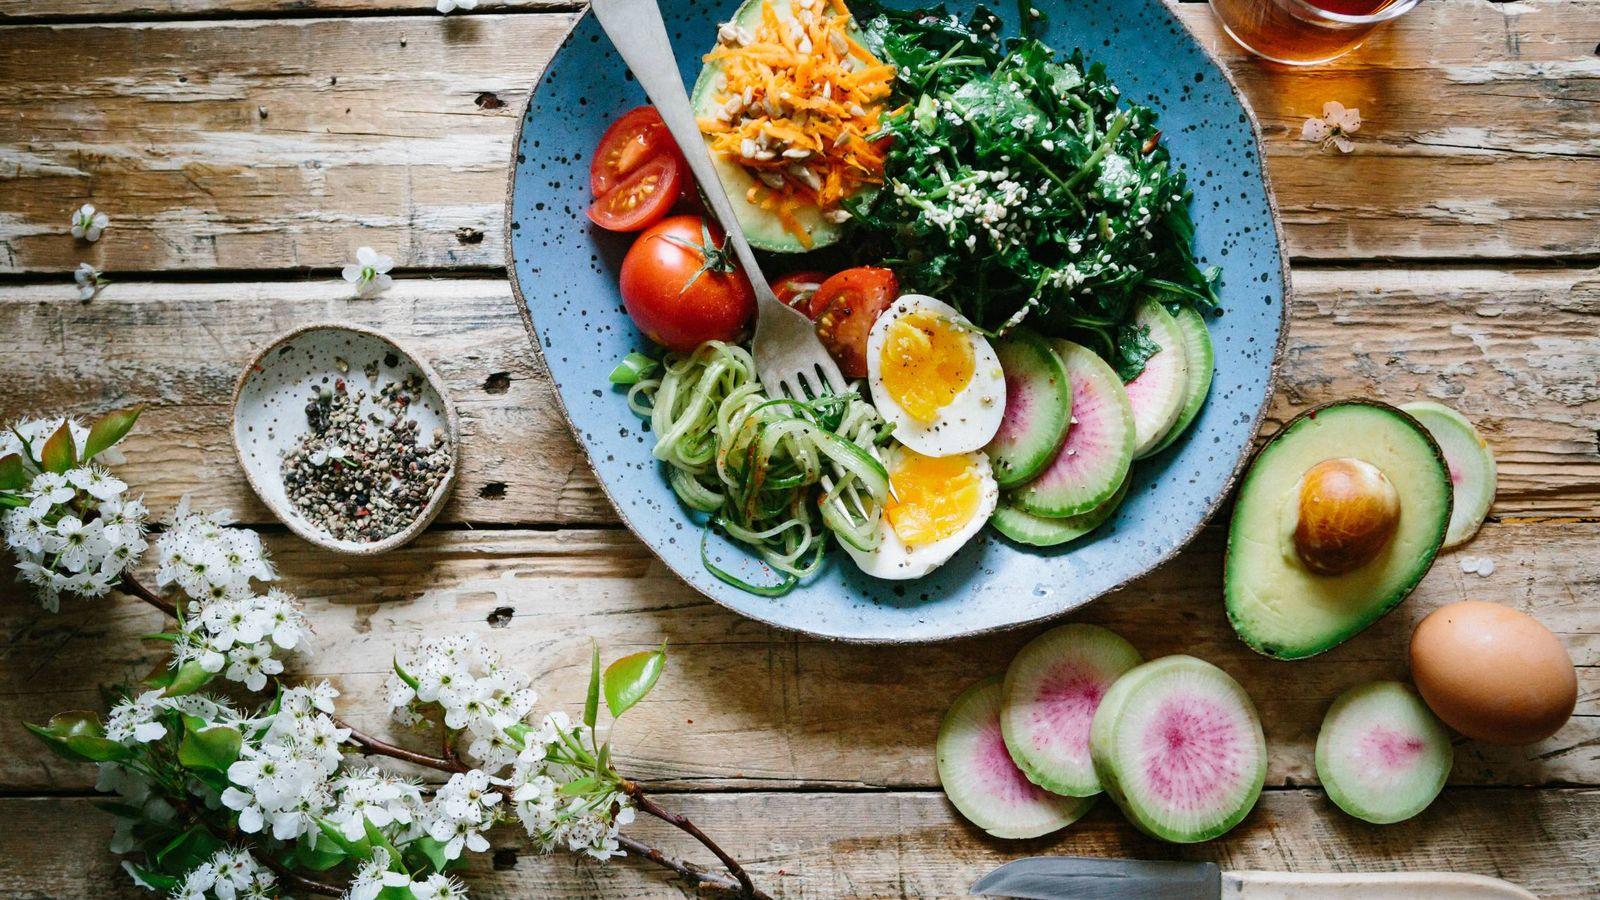 La Dieta Atkins: Todo lo que necesitas saber